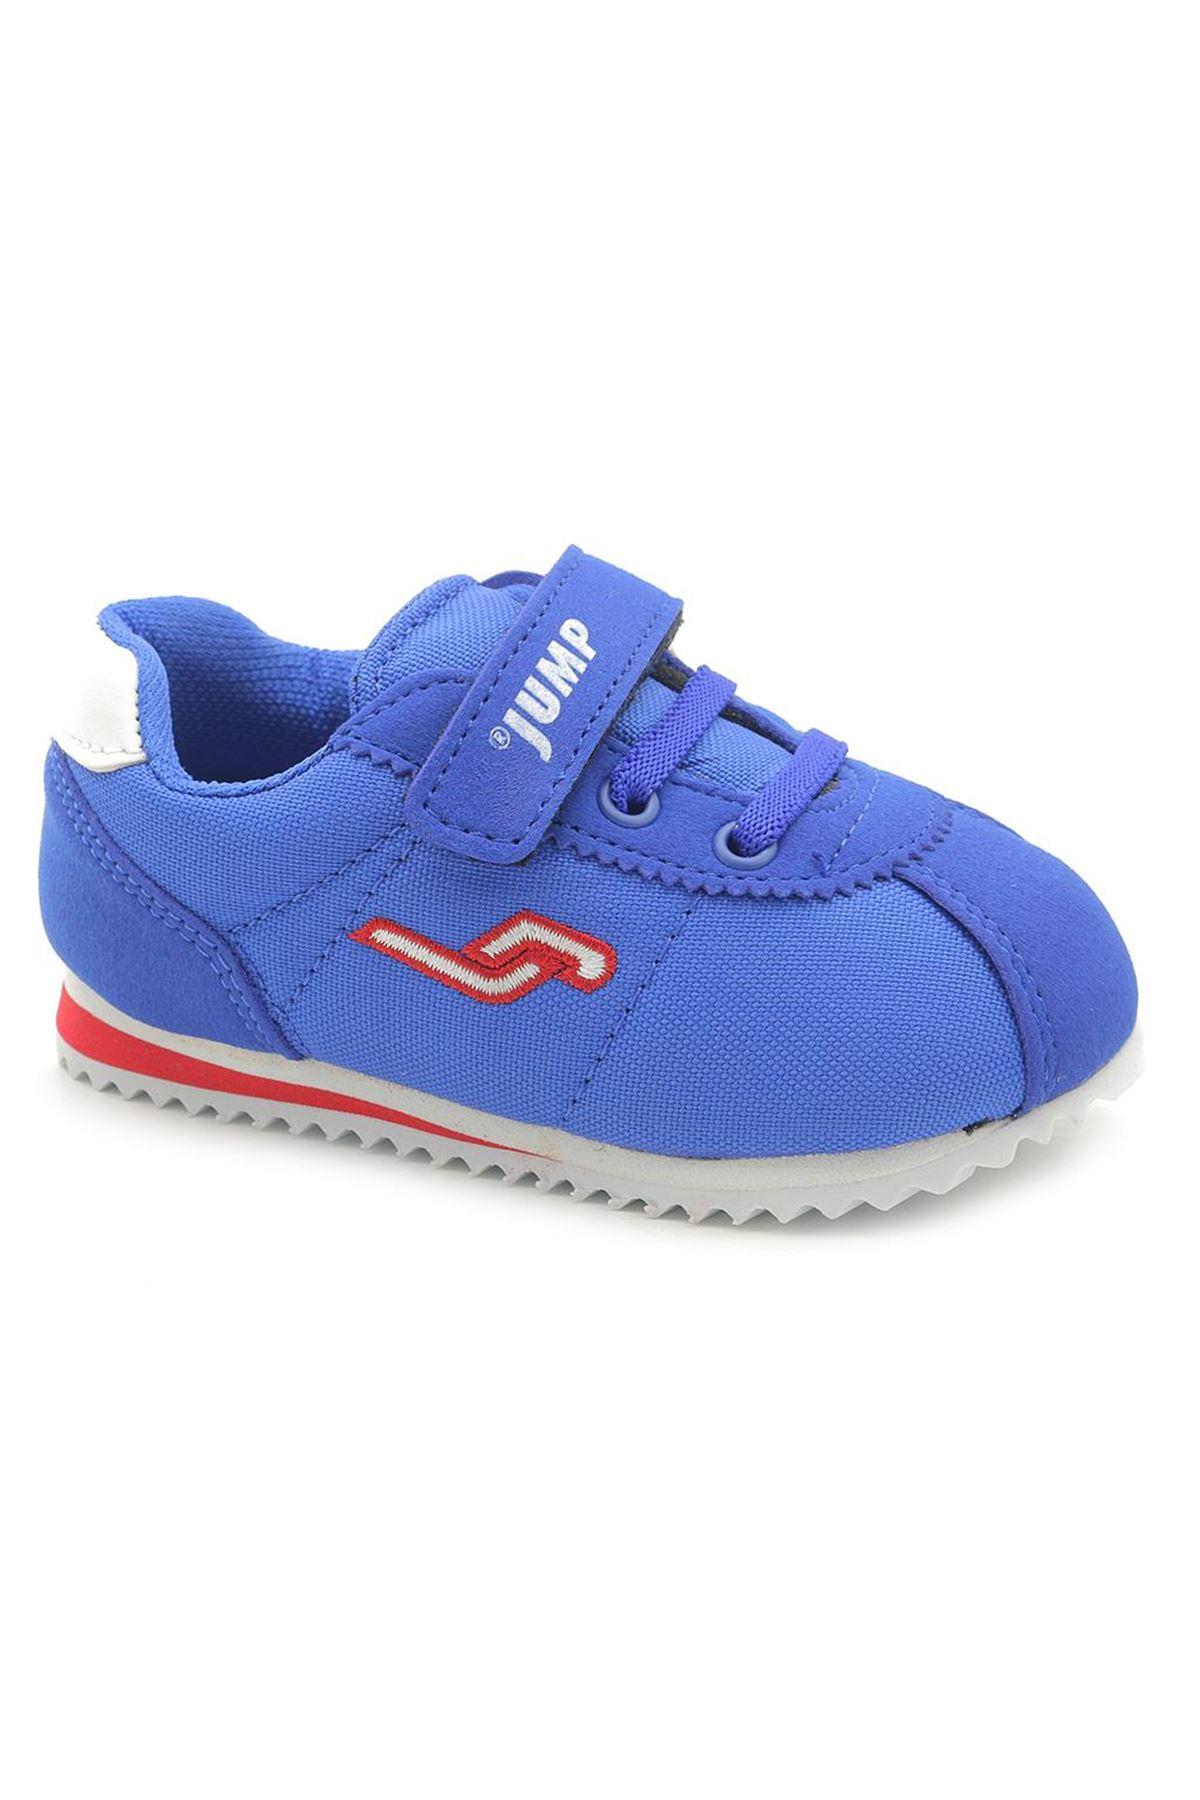 Jump 183900 Çocuk Spor Ayakkabı